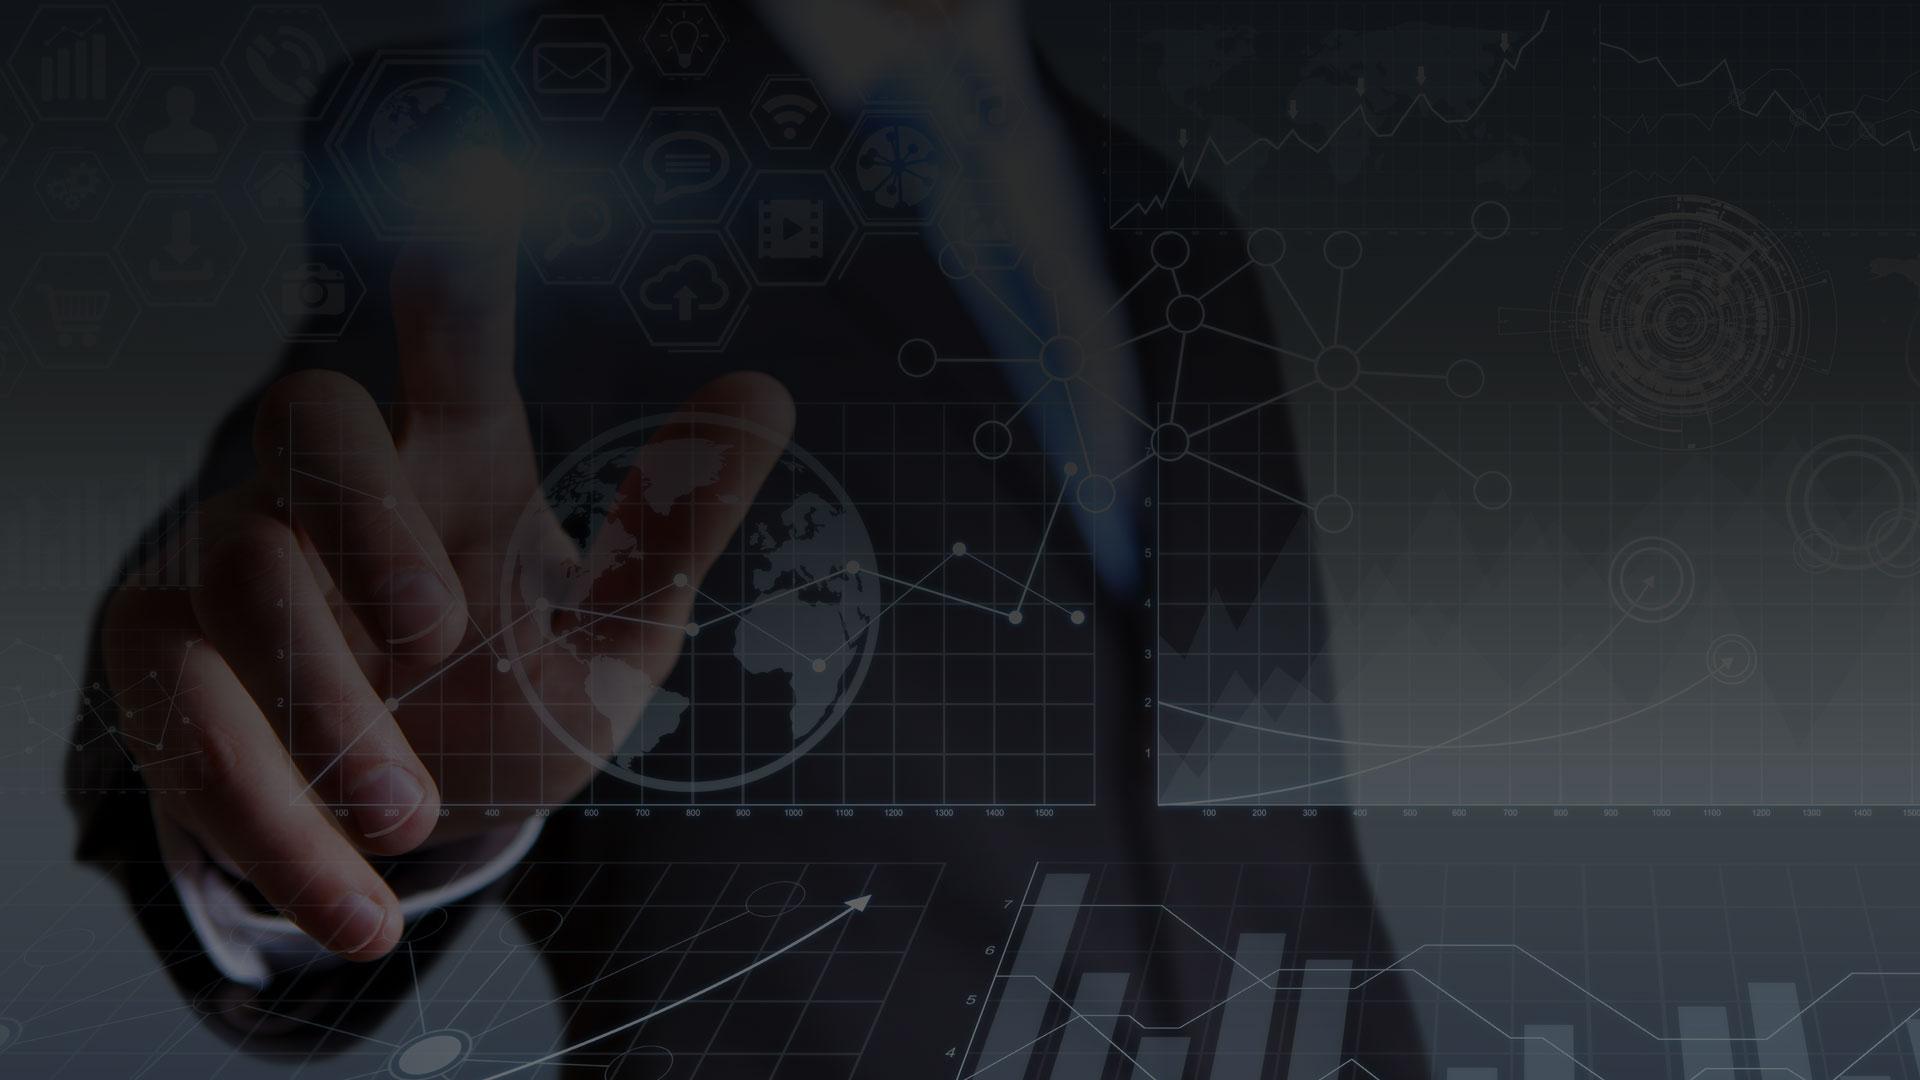 Le-Marketing-Digital-dans-l'entreprise